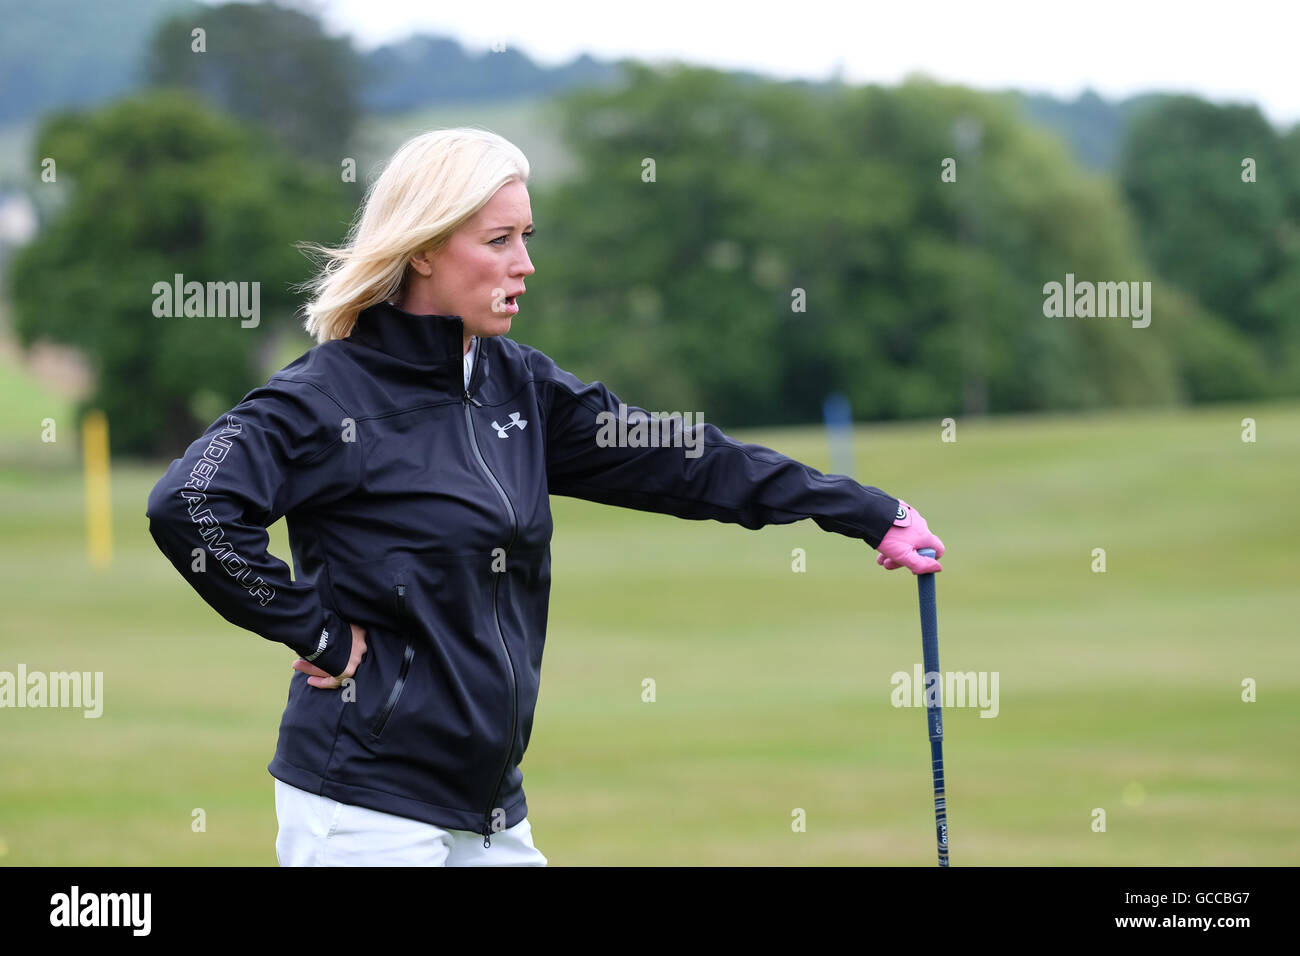 Celtic Manor di Newport, Galles - Sabato 9 Luglio 2016 - la celebrità Cup Competizione golf Denise van Outen Immagini Stock